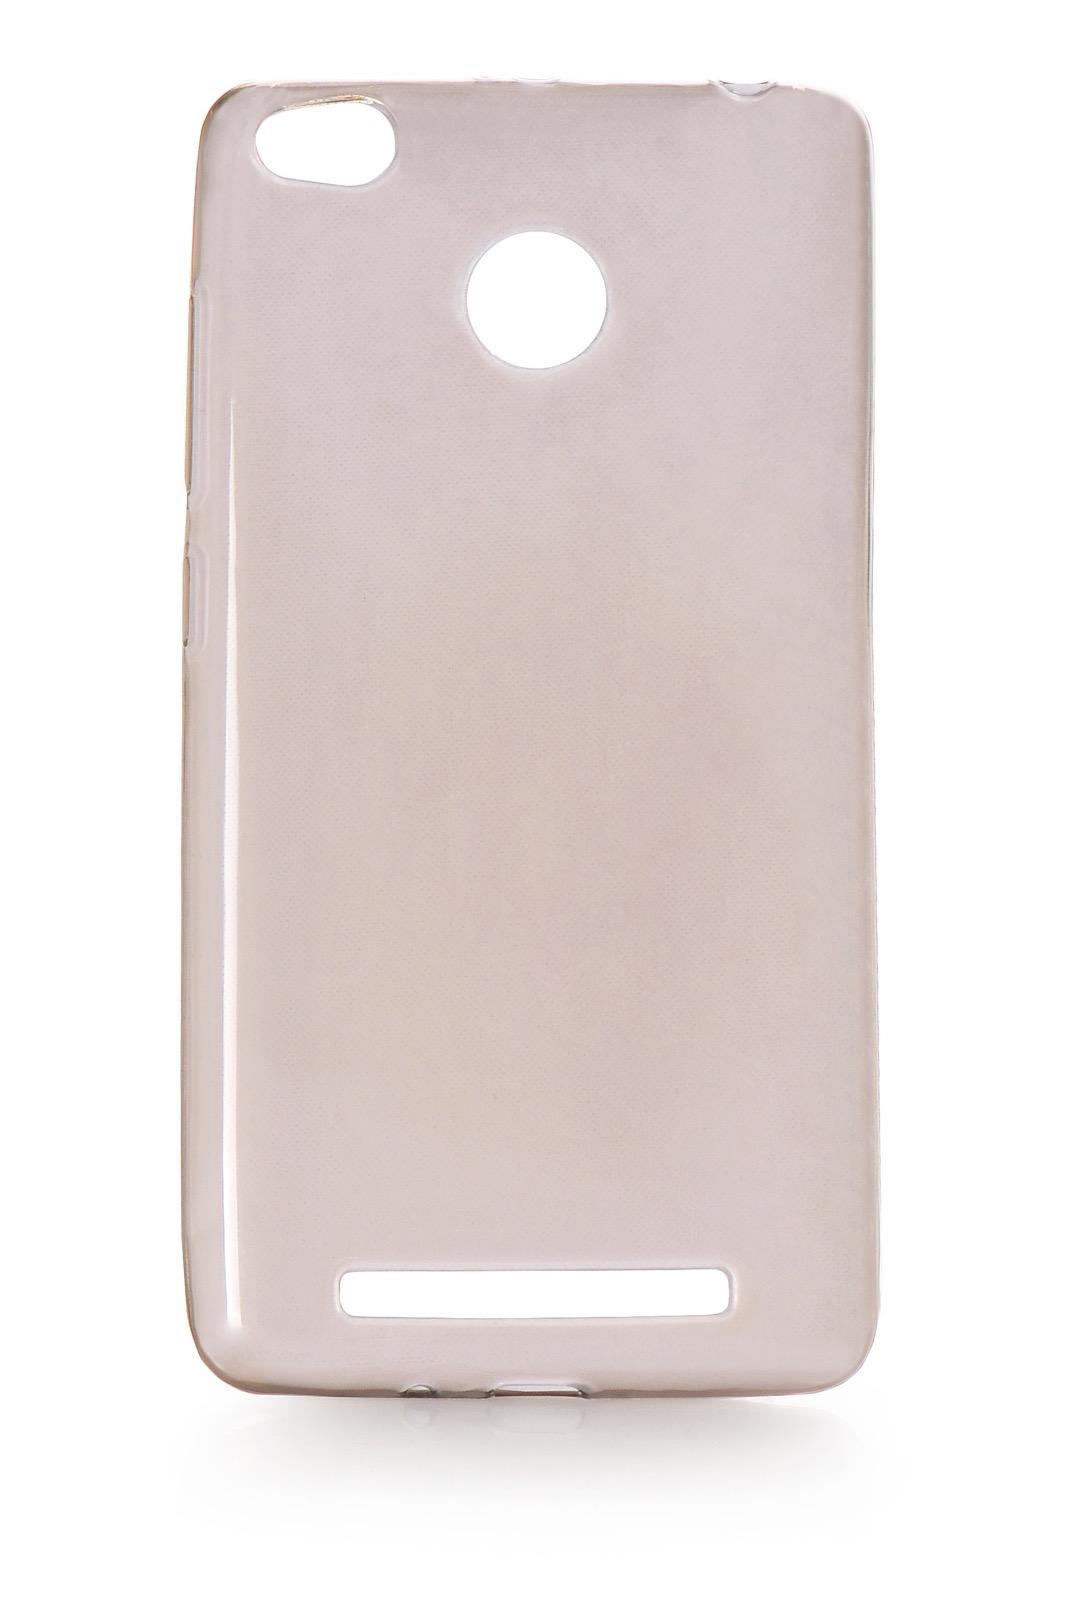 Чехол для сотового телефона iNeez накладка силикон прозрачный для Xiaomi Redmi Note 3, черный